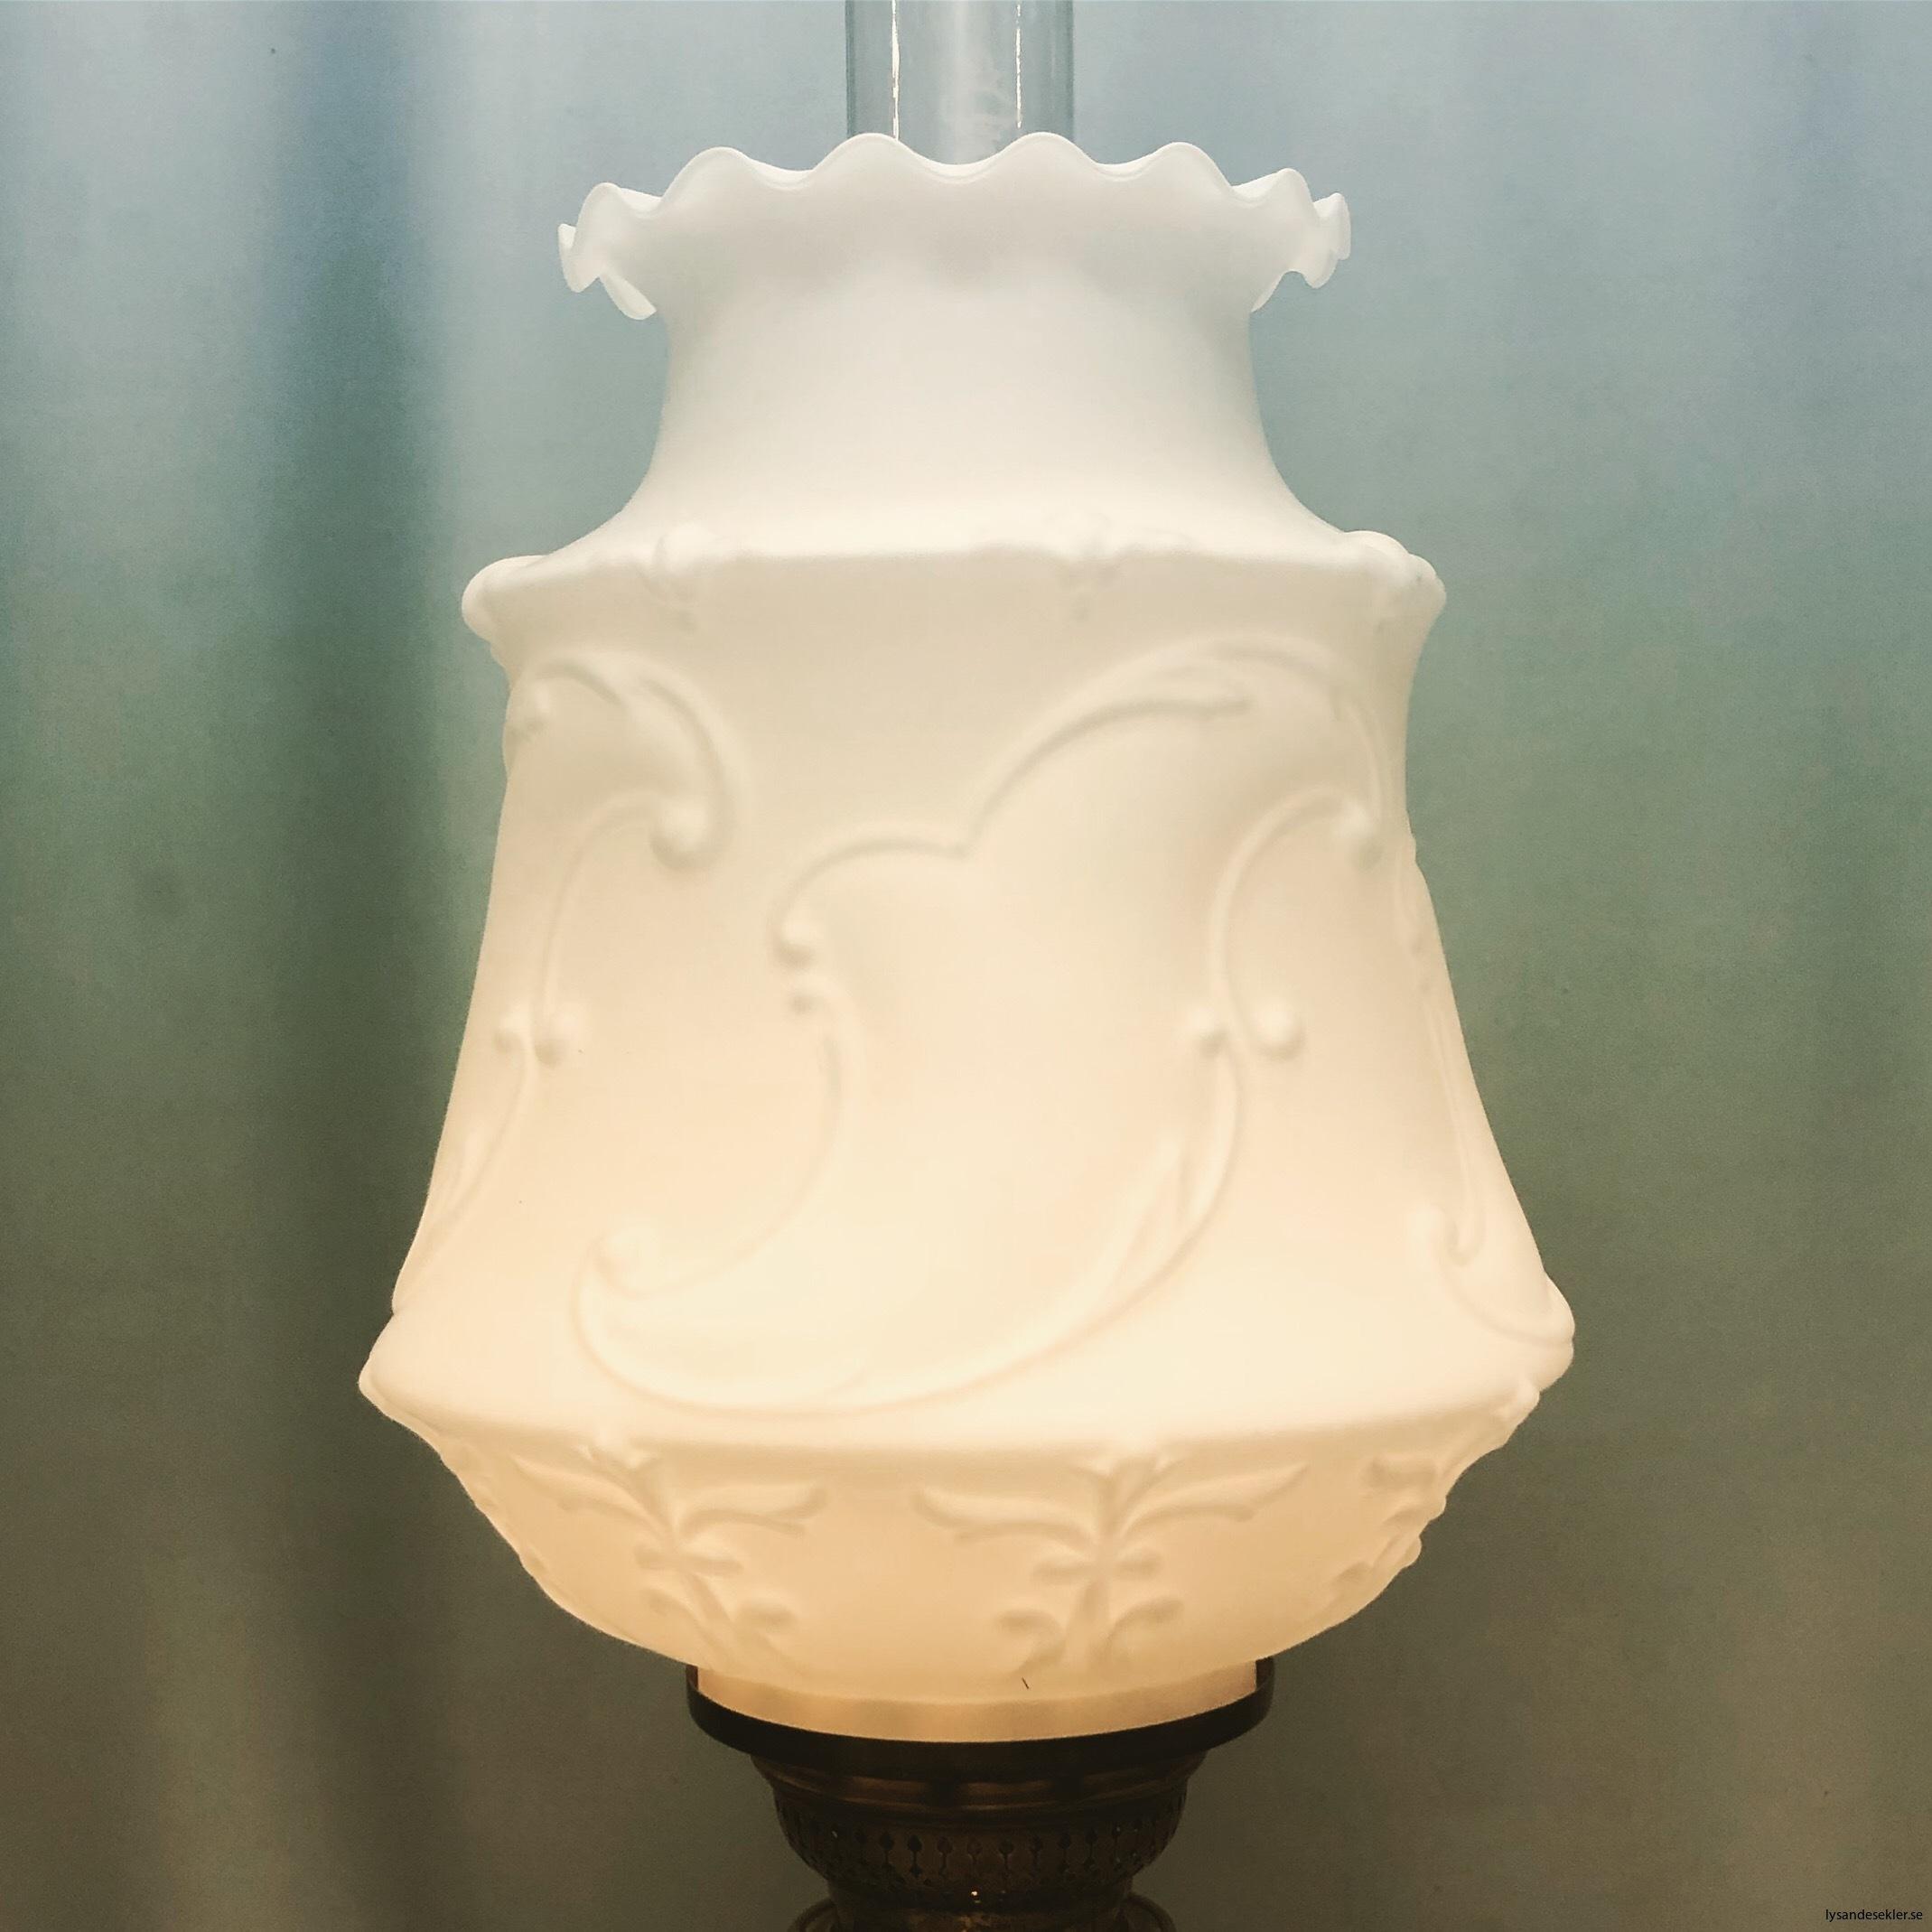 matt vit tulpankupa till fotogenlampa 3